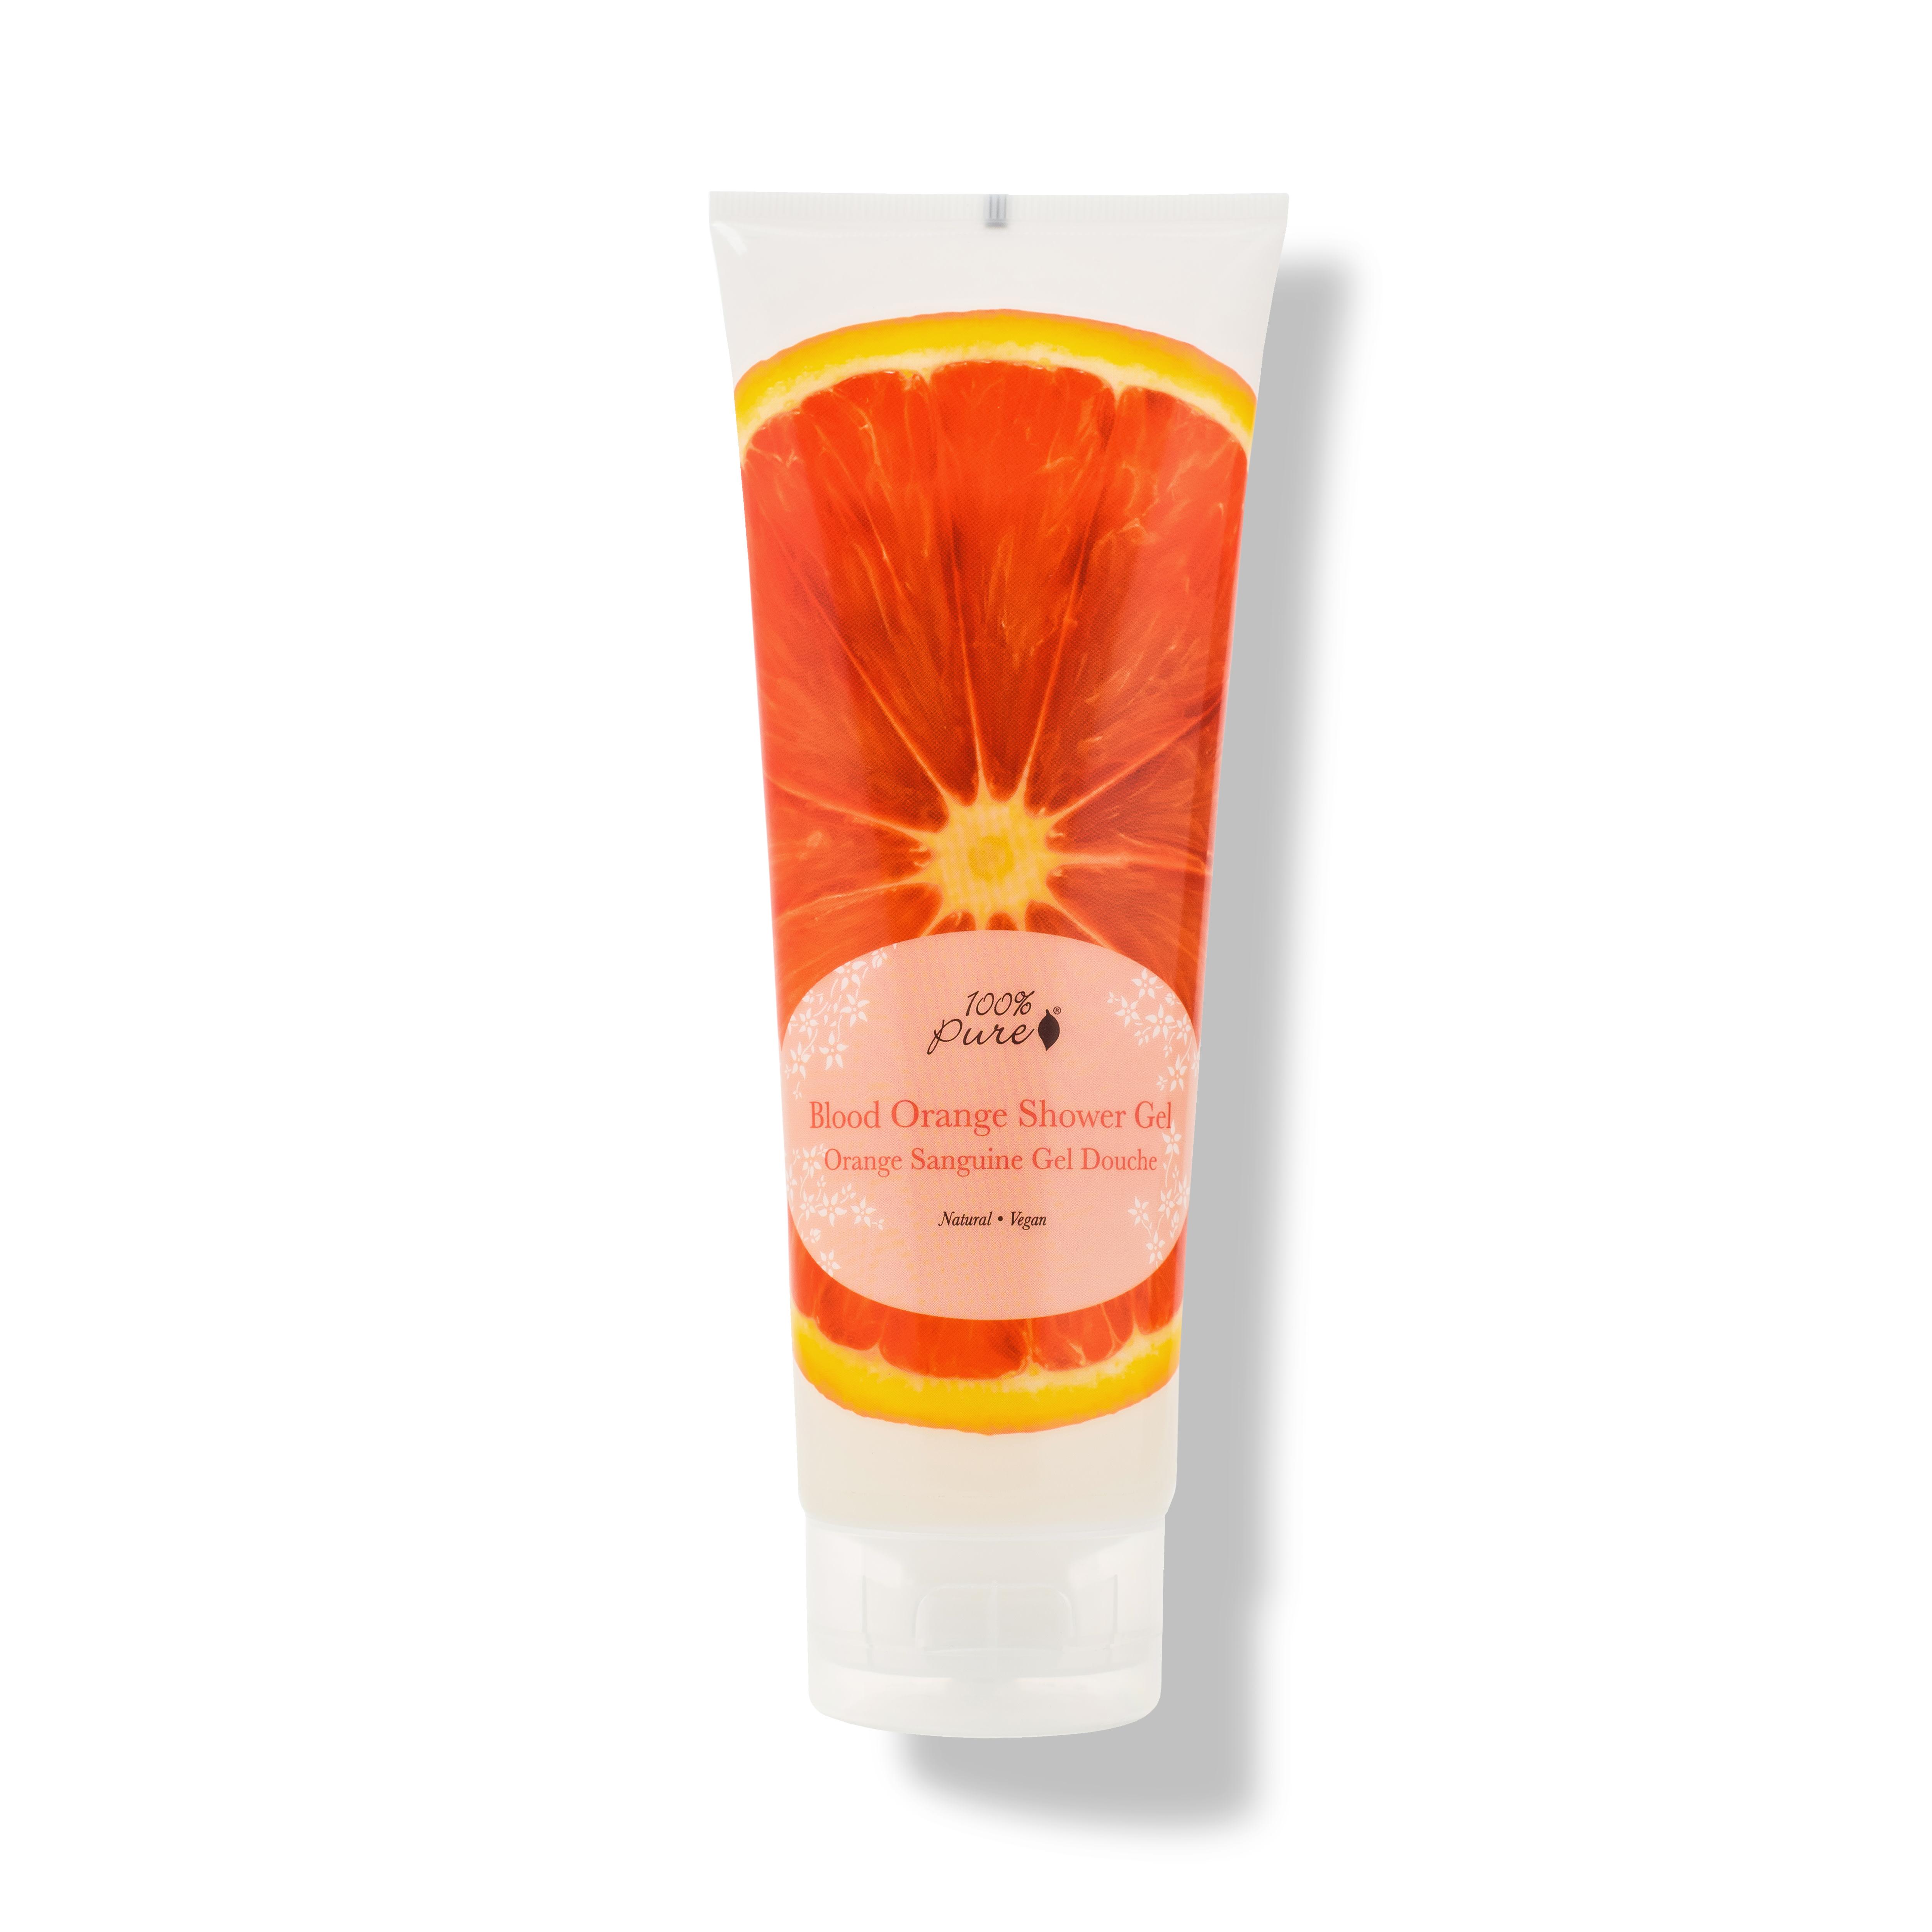 Product Grid - Blood Orange Shower Gel